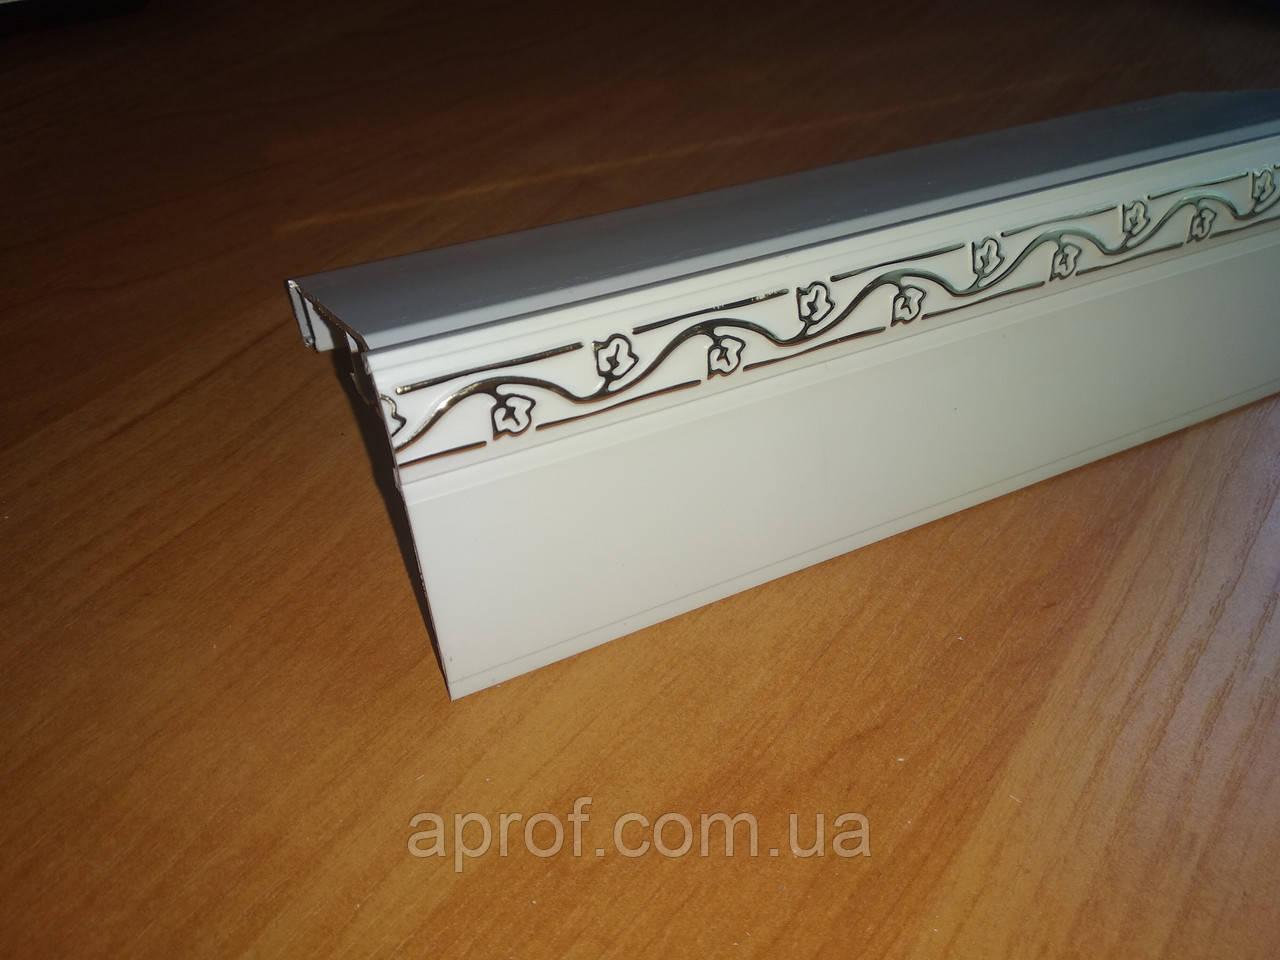 Карниз алюминиевый БПО-06 (двухрядный, со сменной передней панелью)